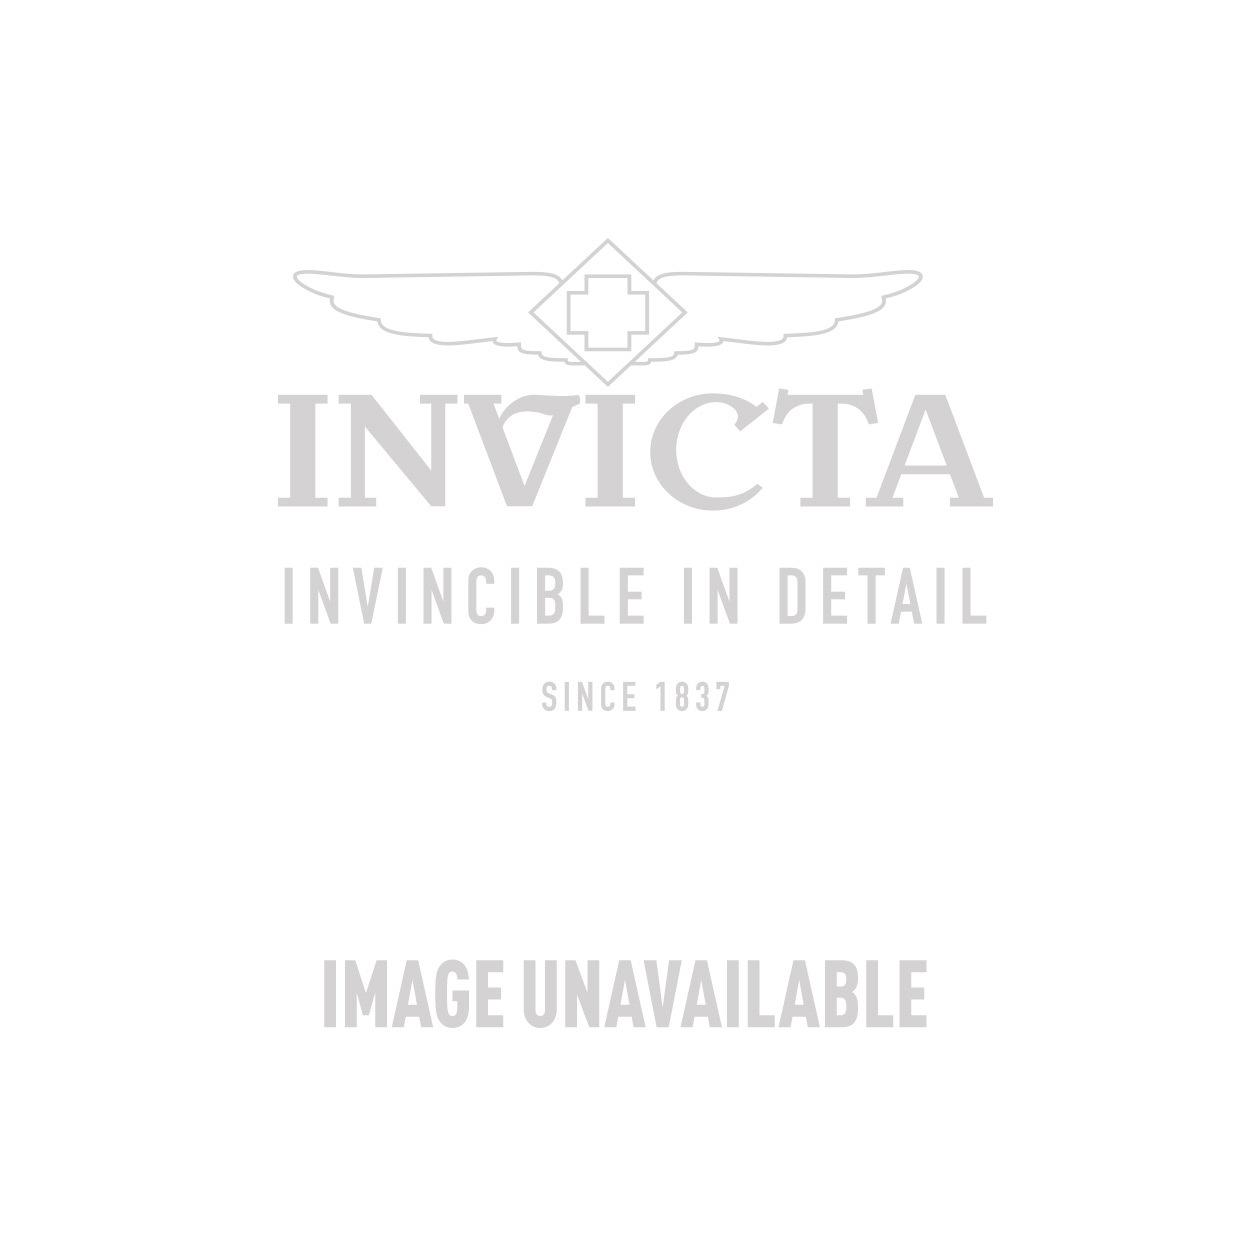 Invicta Model 27084